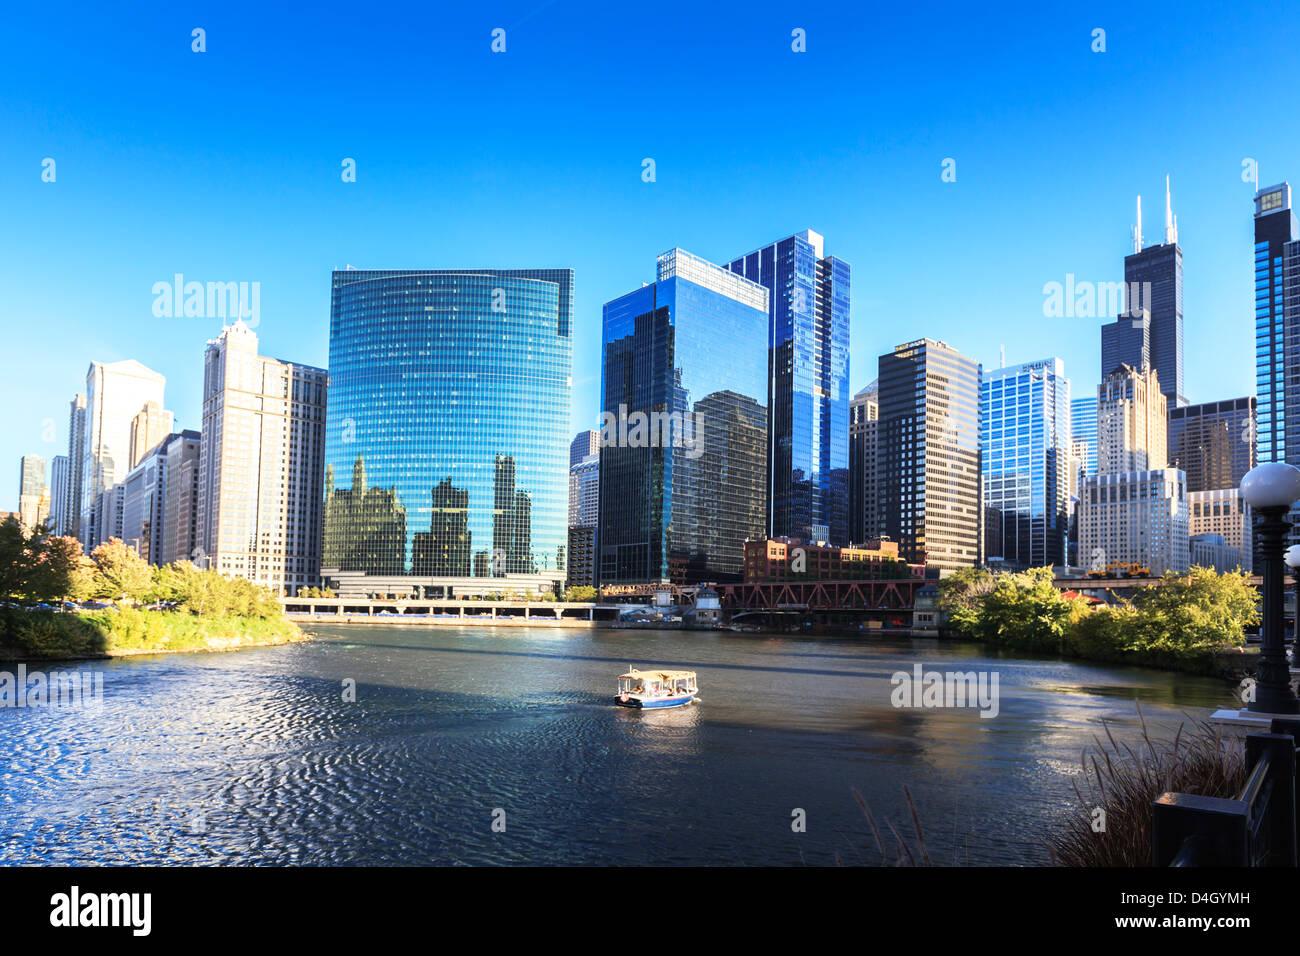 Grattacieli seguire la curva del fiume Chicago, Chicago, Illinois, Stati Uniti d'America Immagini Stock